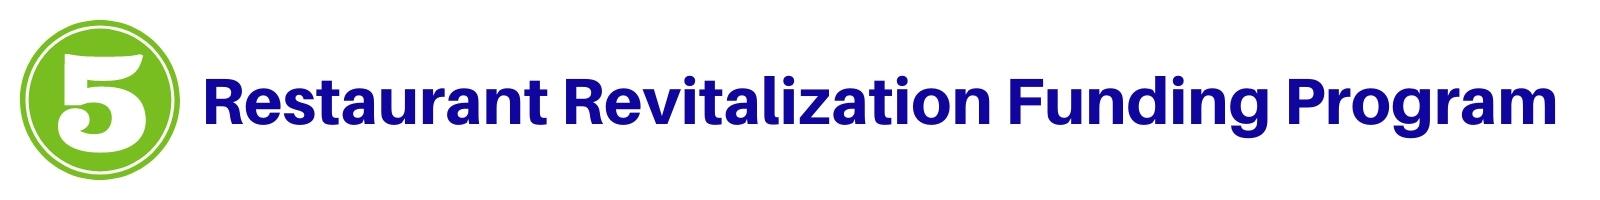 The number 5 Restaurant Revitalization Program label